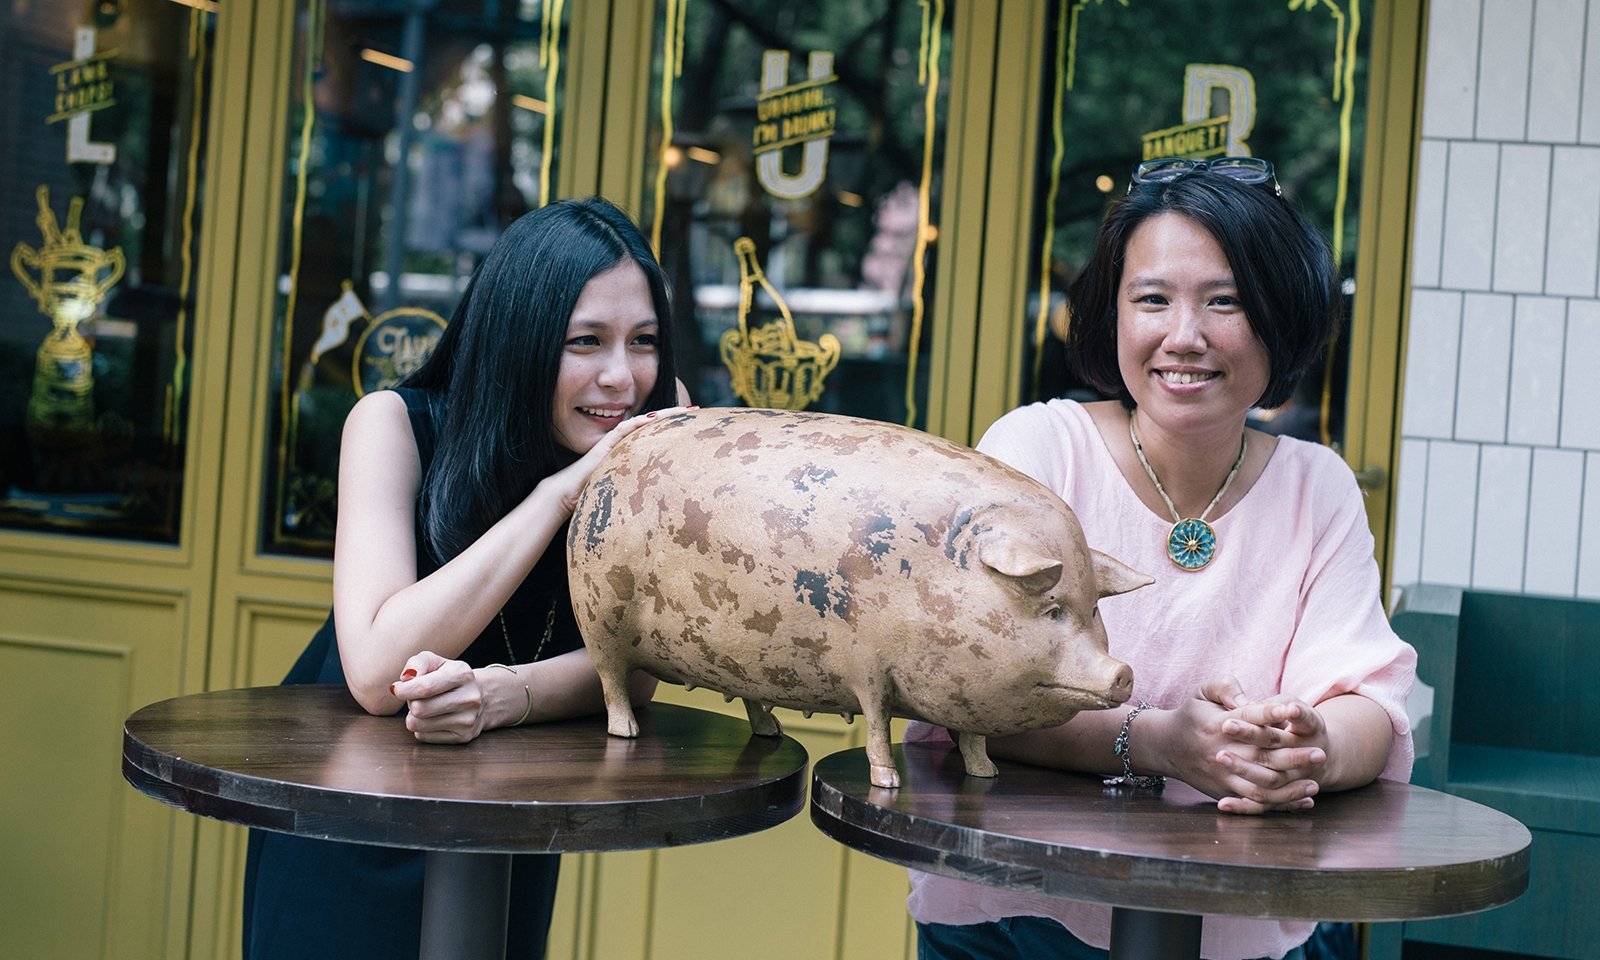 條條大路通廚房—— Yen ╳ 楊馥如的義地廚緣